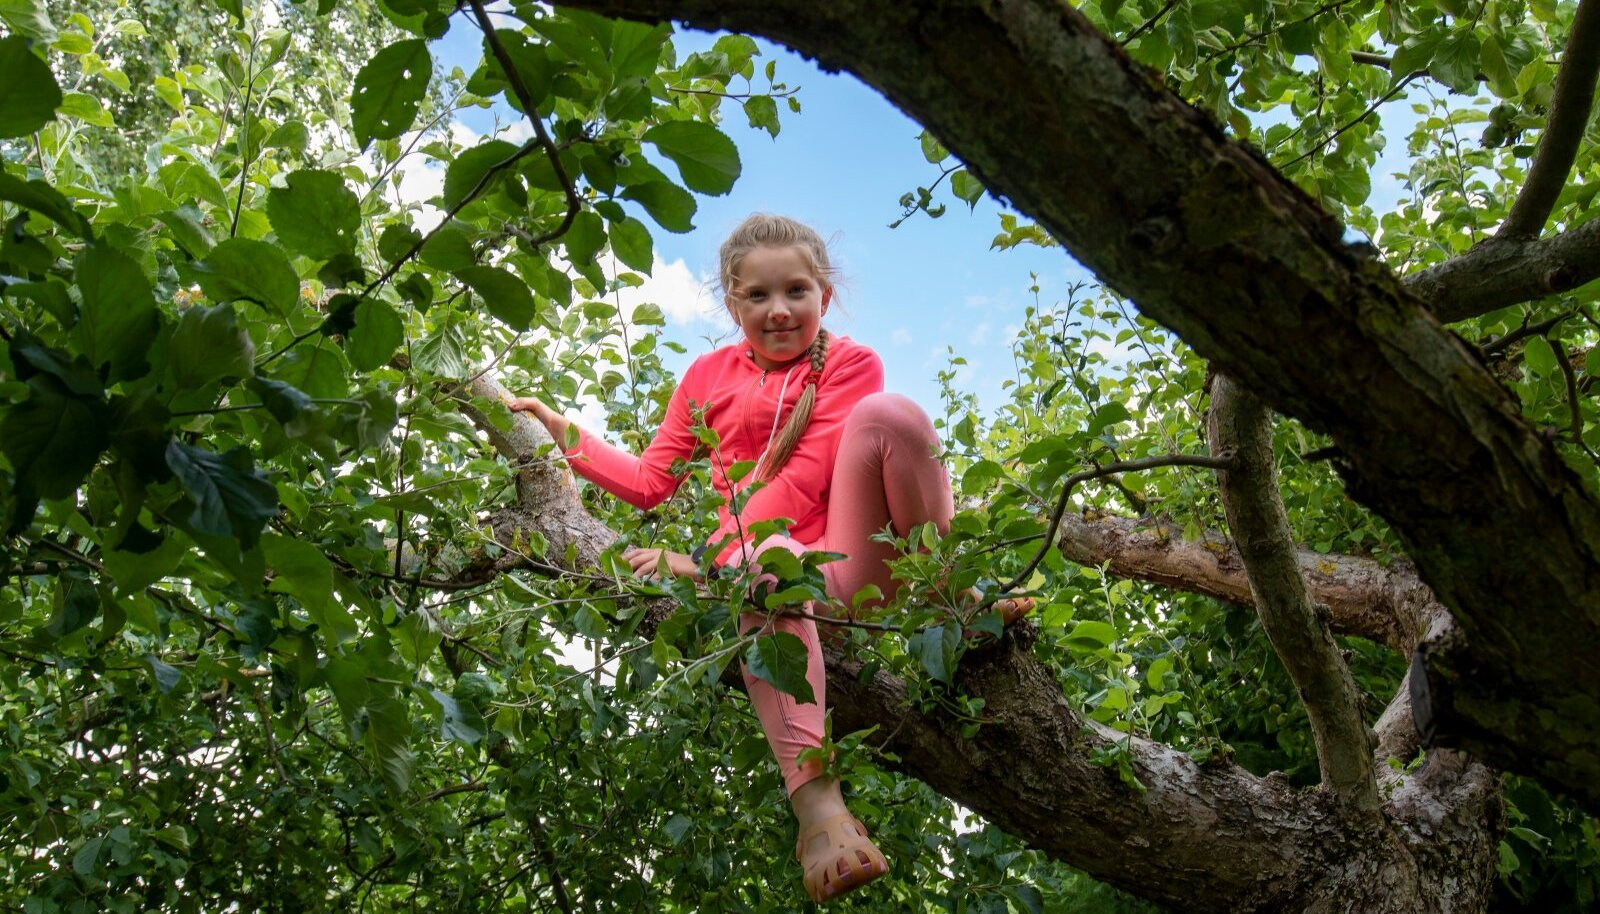 """Õunapuul on nii palju rohelisi lehti, et puu otsa roninud tüdrukut pole nende keskel nähagi. Ema lähenedes hüüab Elisabeth: """"Ma olen siin!"""""""